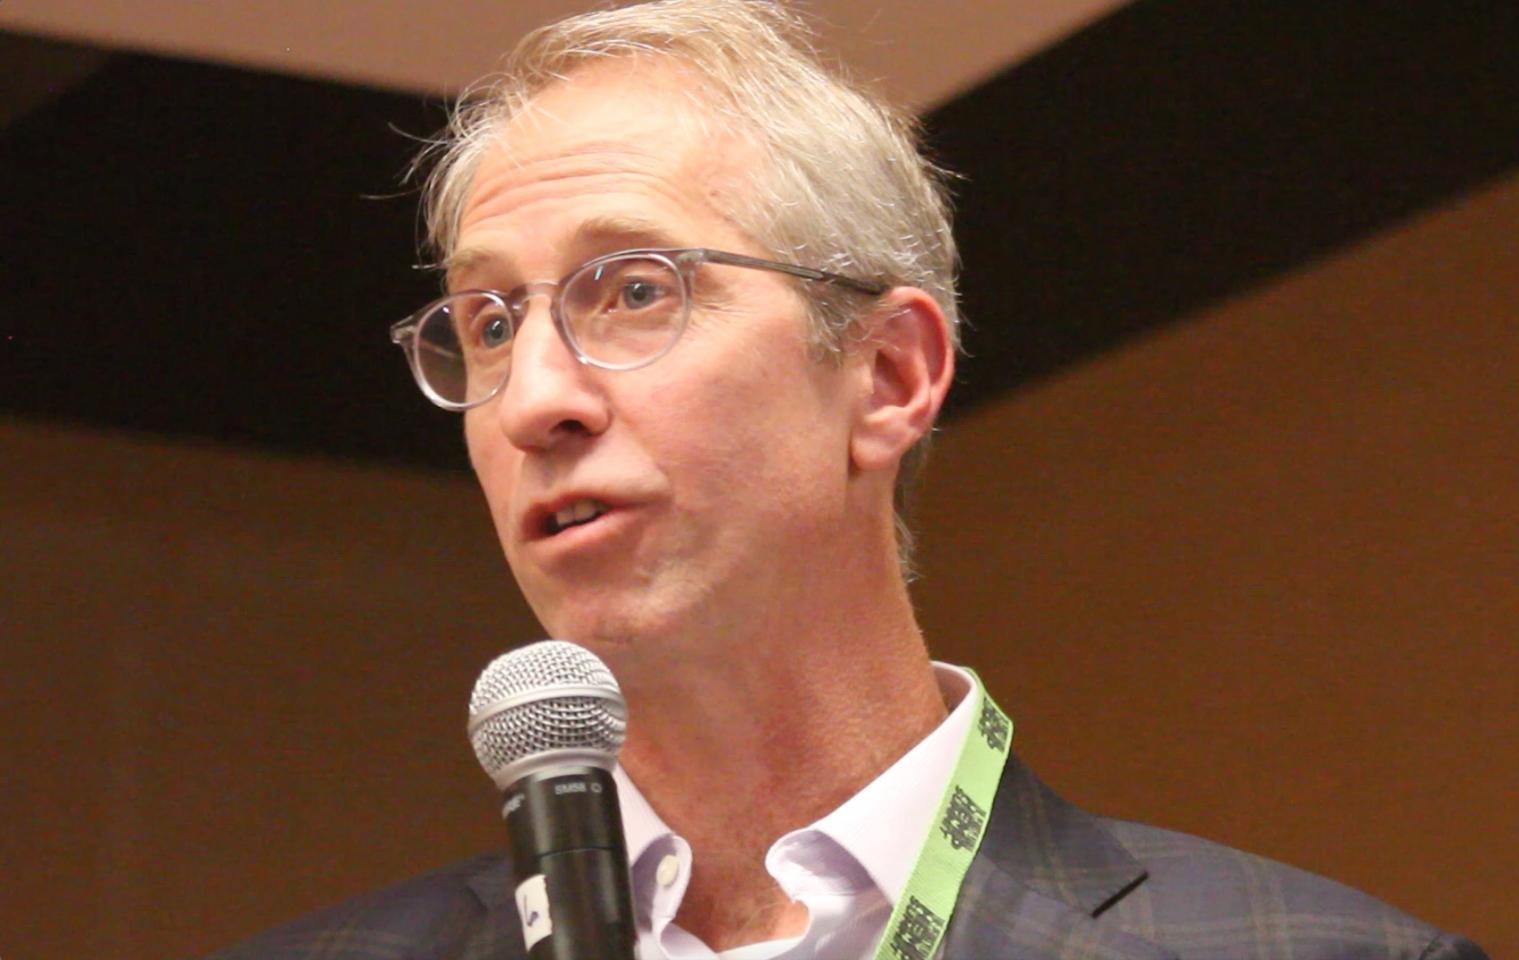 Seth Goldberg, Duane Morris Law Firm, habla en la Cumbre del Cáñamo de PA